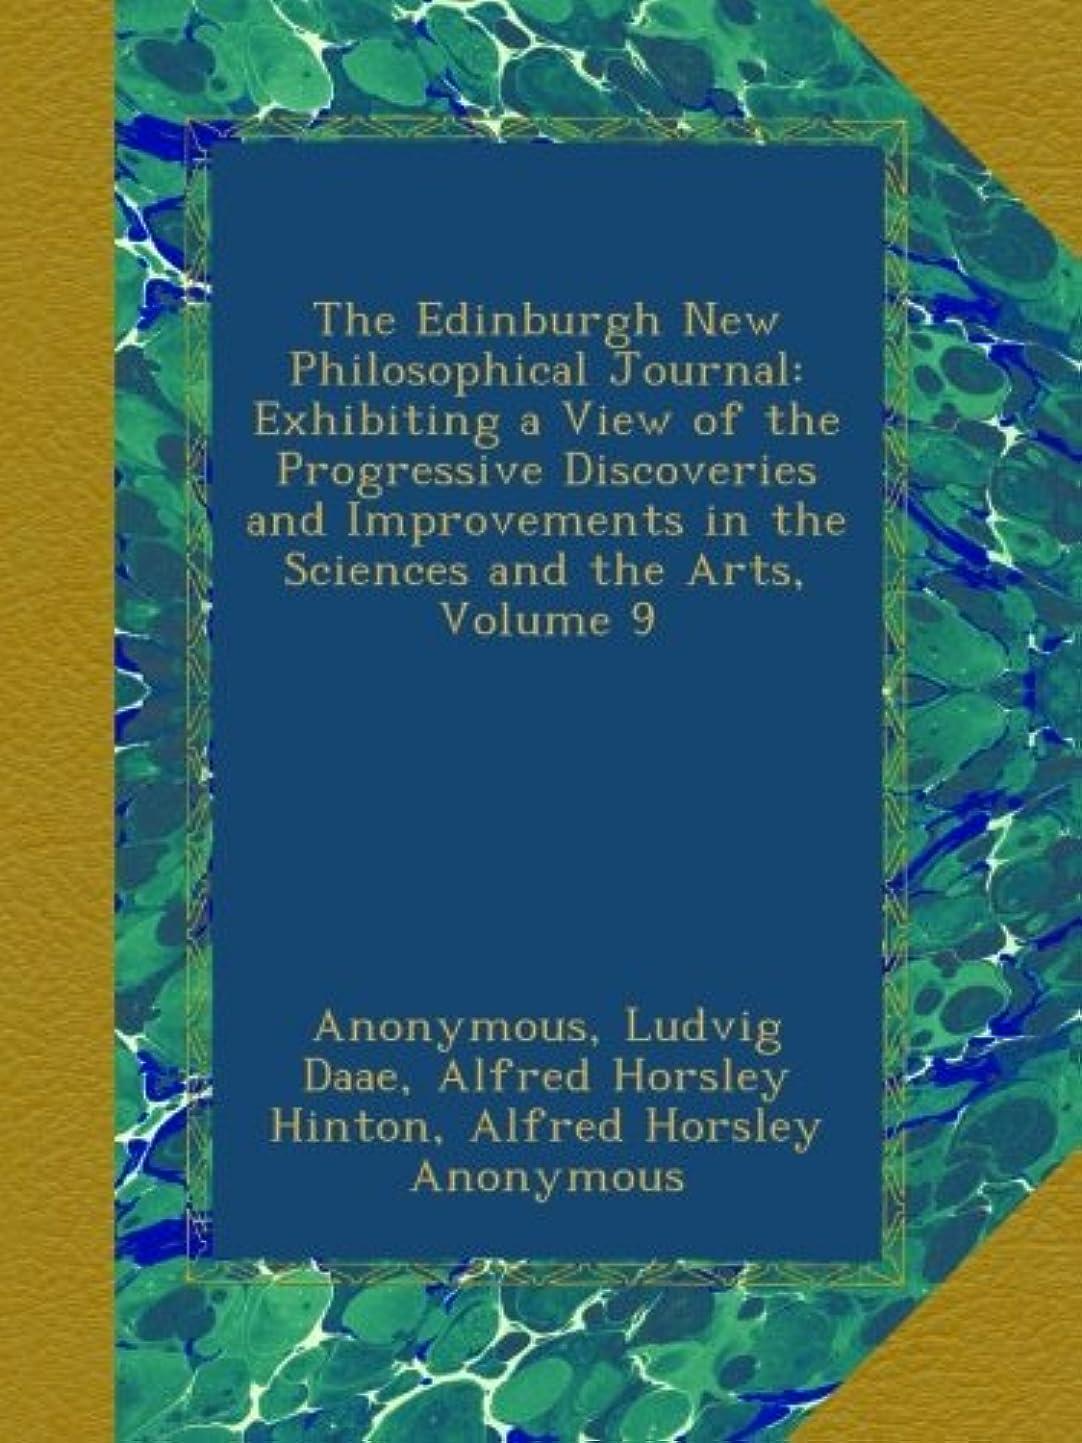 ラインナップパイロットフィラデルフィアThe Edinburgh New Philosophical Journal: Exhibiting a View of the Progressive Discoveries and Improvements in the Sciences and the Arts, Volume 9